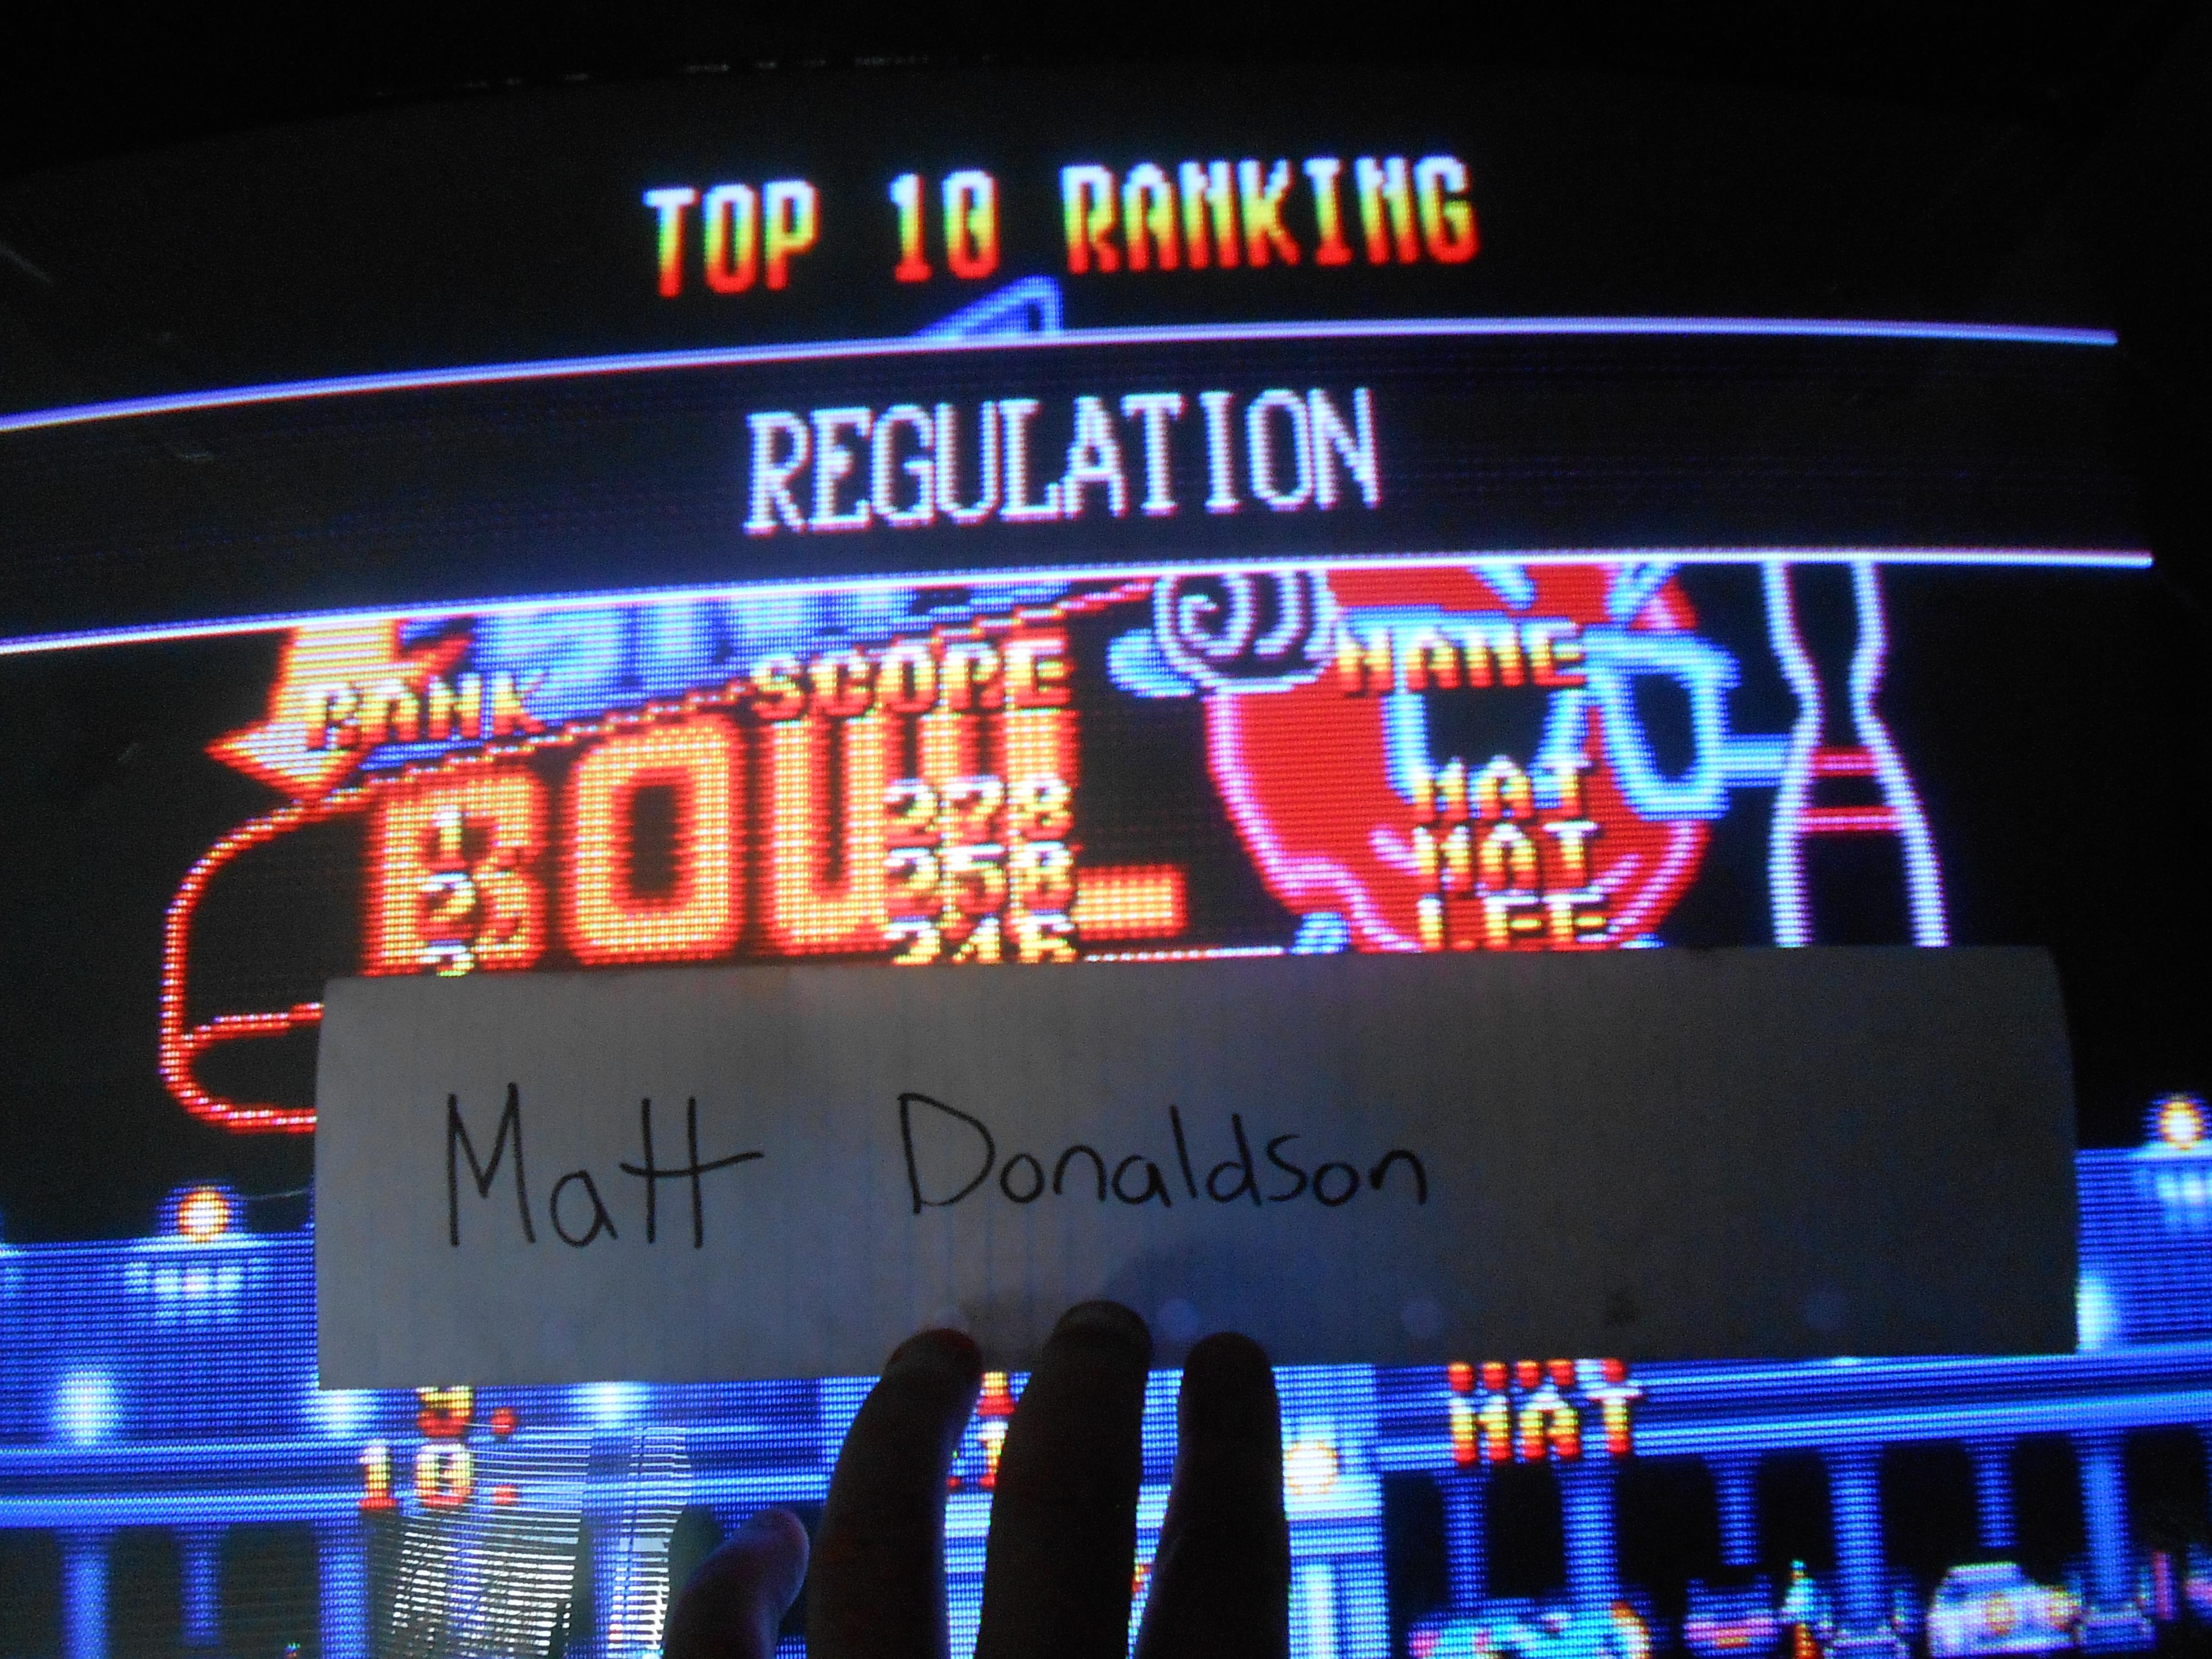 League Bowling: Regulation 278 points